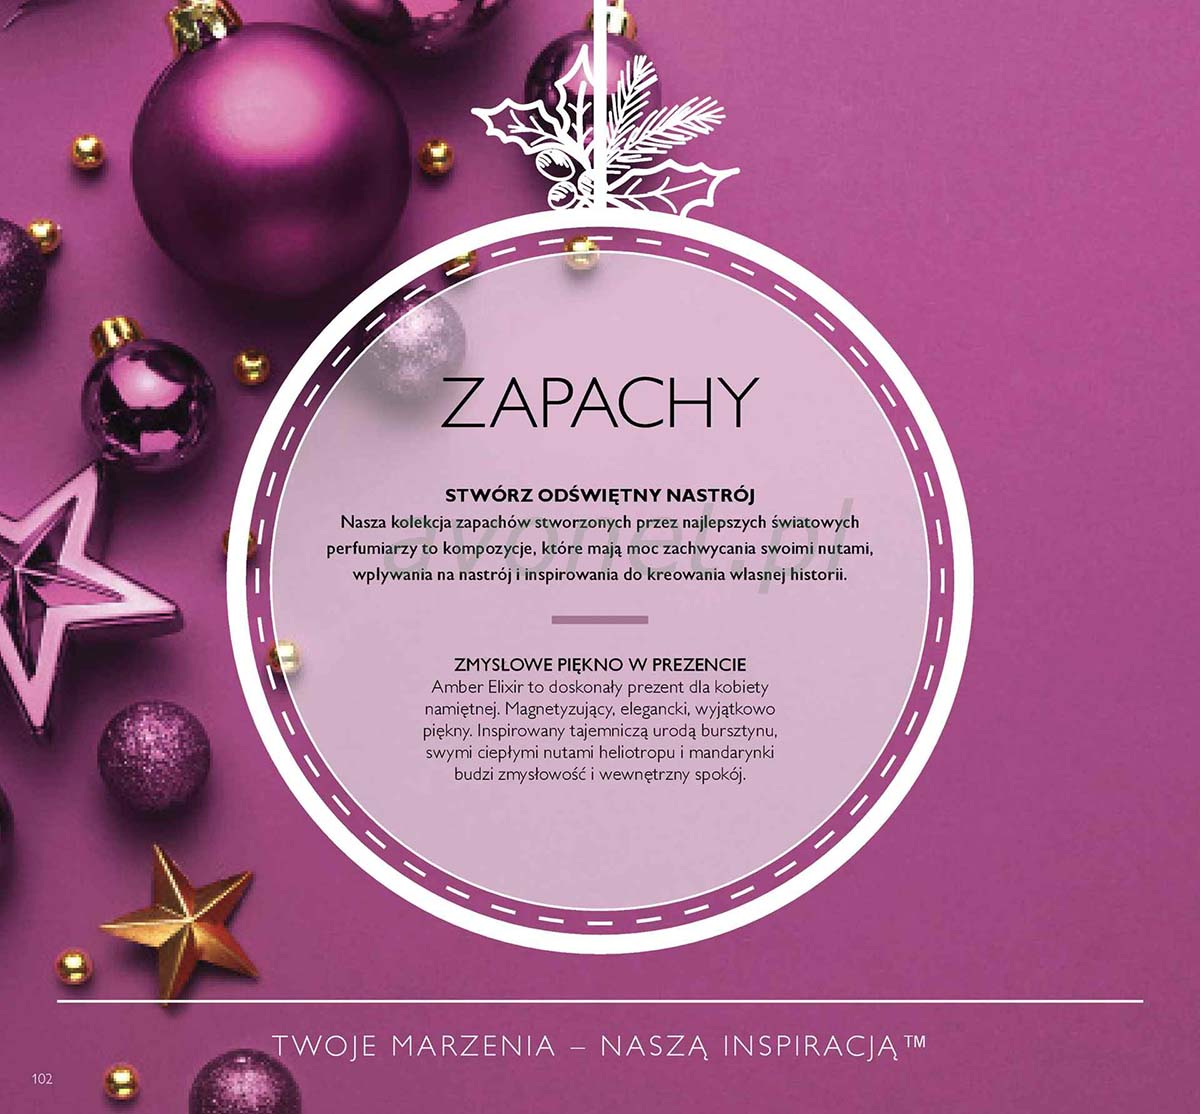 2017017-102-pl-pl